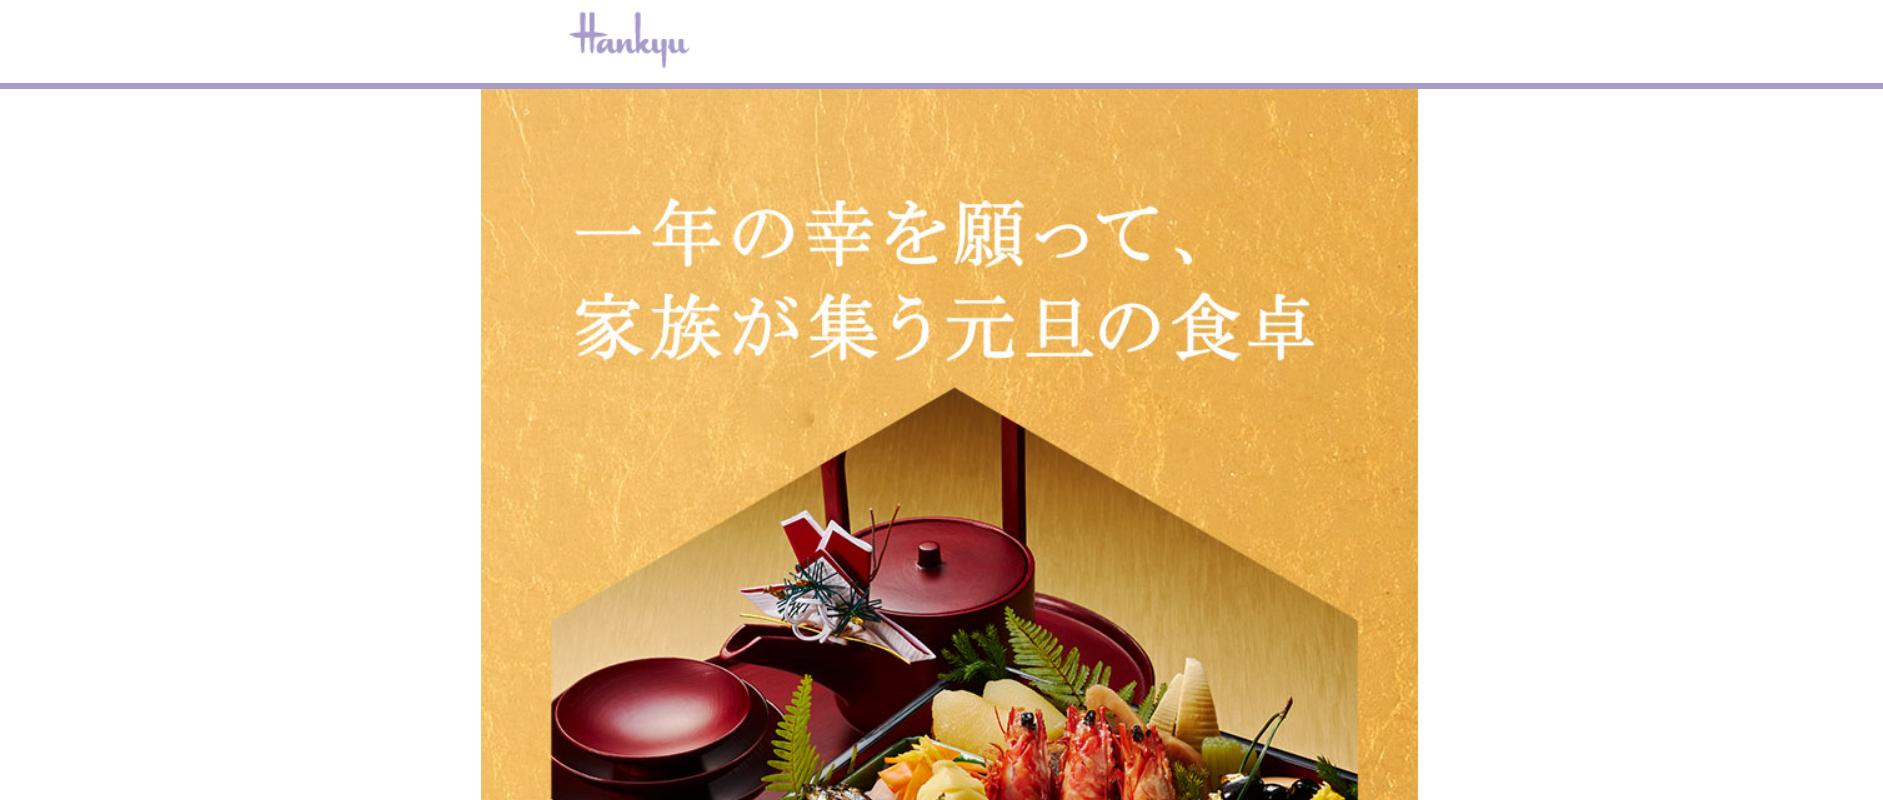 出典)阪急百貨店公式サイト